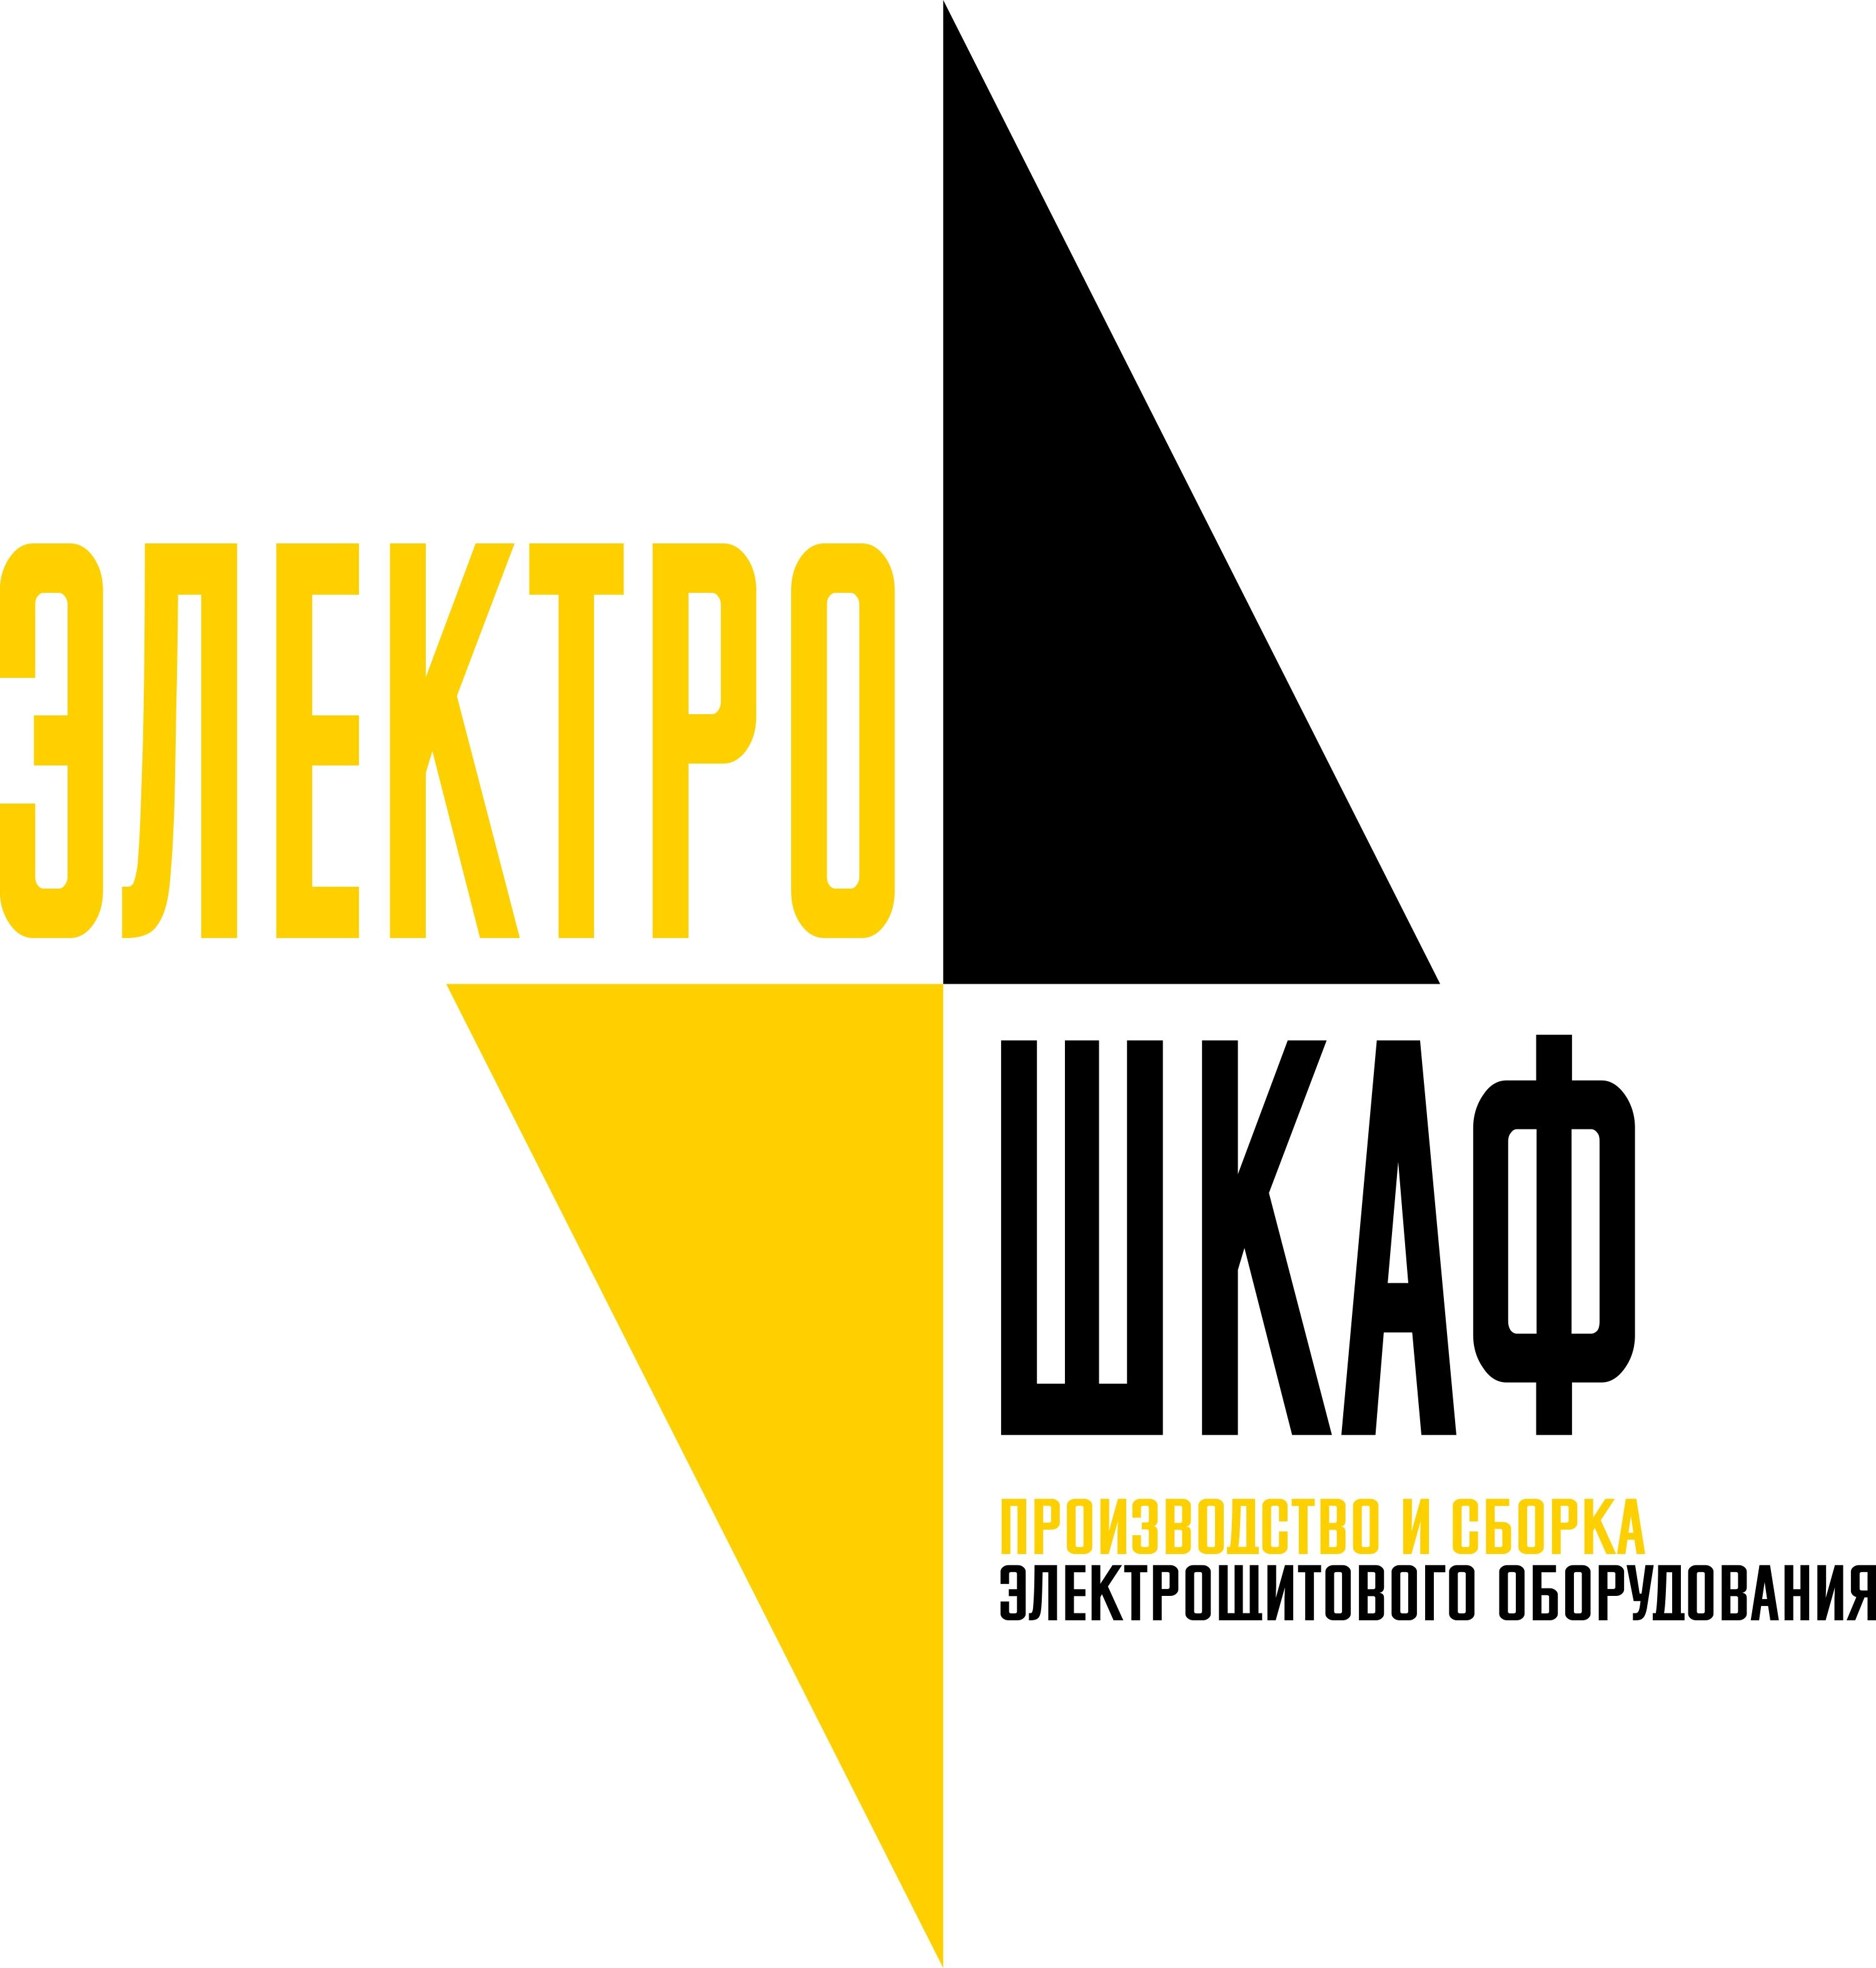 Разработать логотип для завода по производству электрощитов фото f_3235b718871771a1.jpg